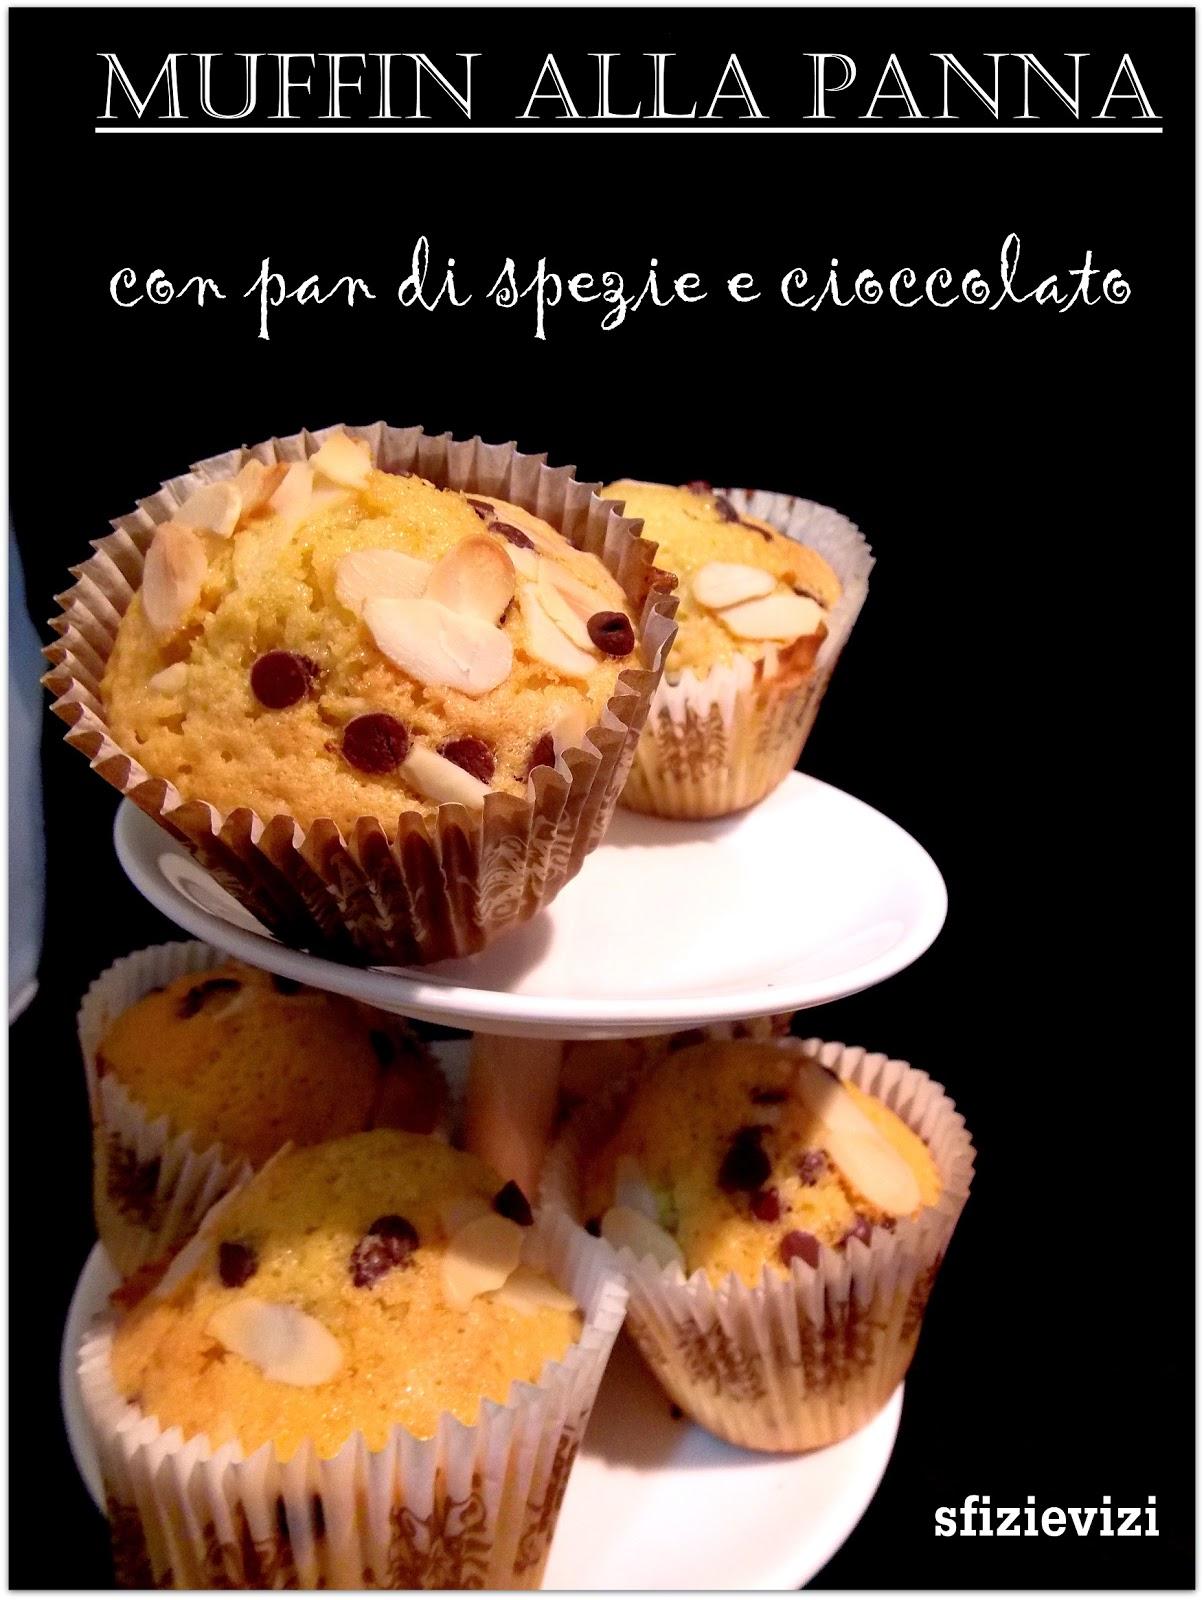 muffin alla panna (di soia) con pan di spezie e cioccolato, ovvero come usare la panna che avanza